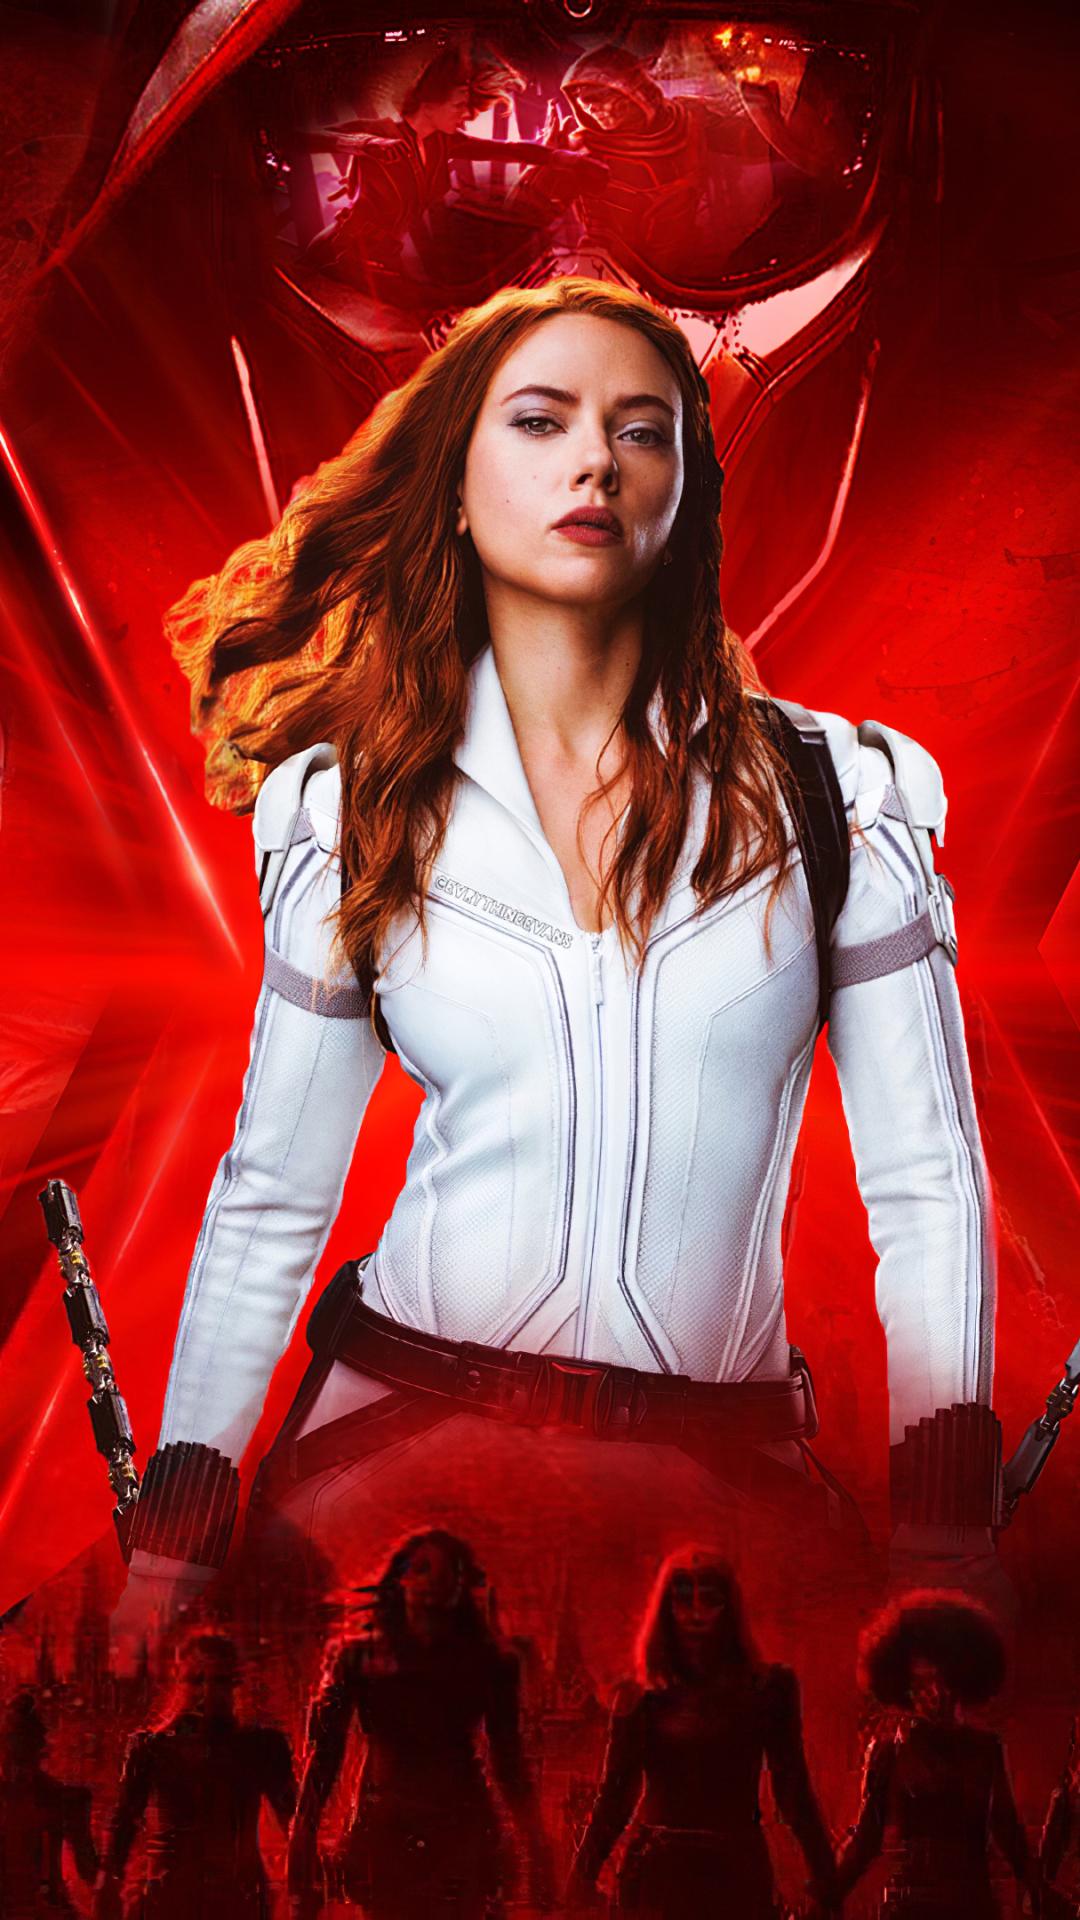 Black Widow Scarlett Johansson mobile wallpaper